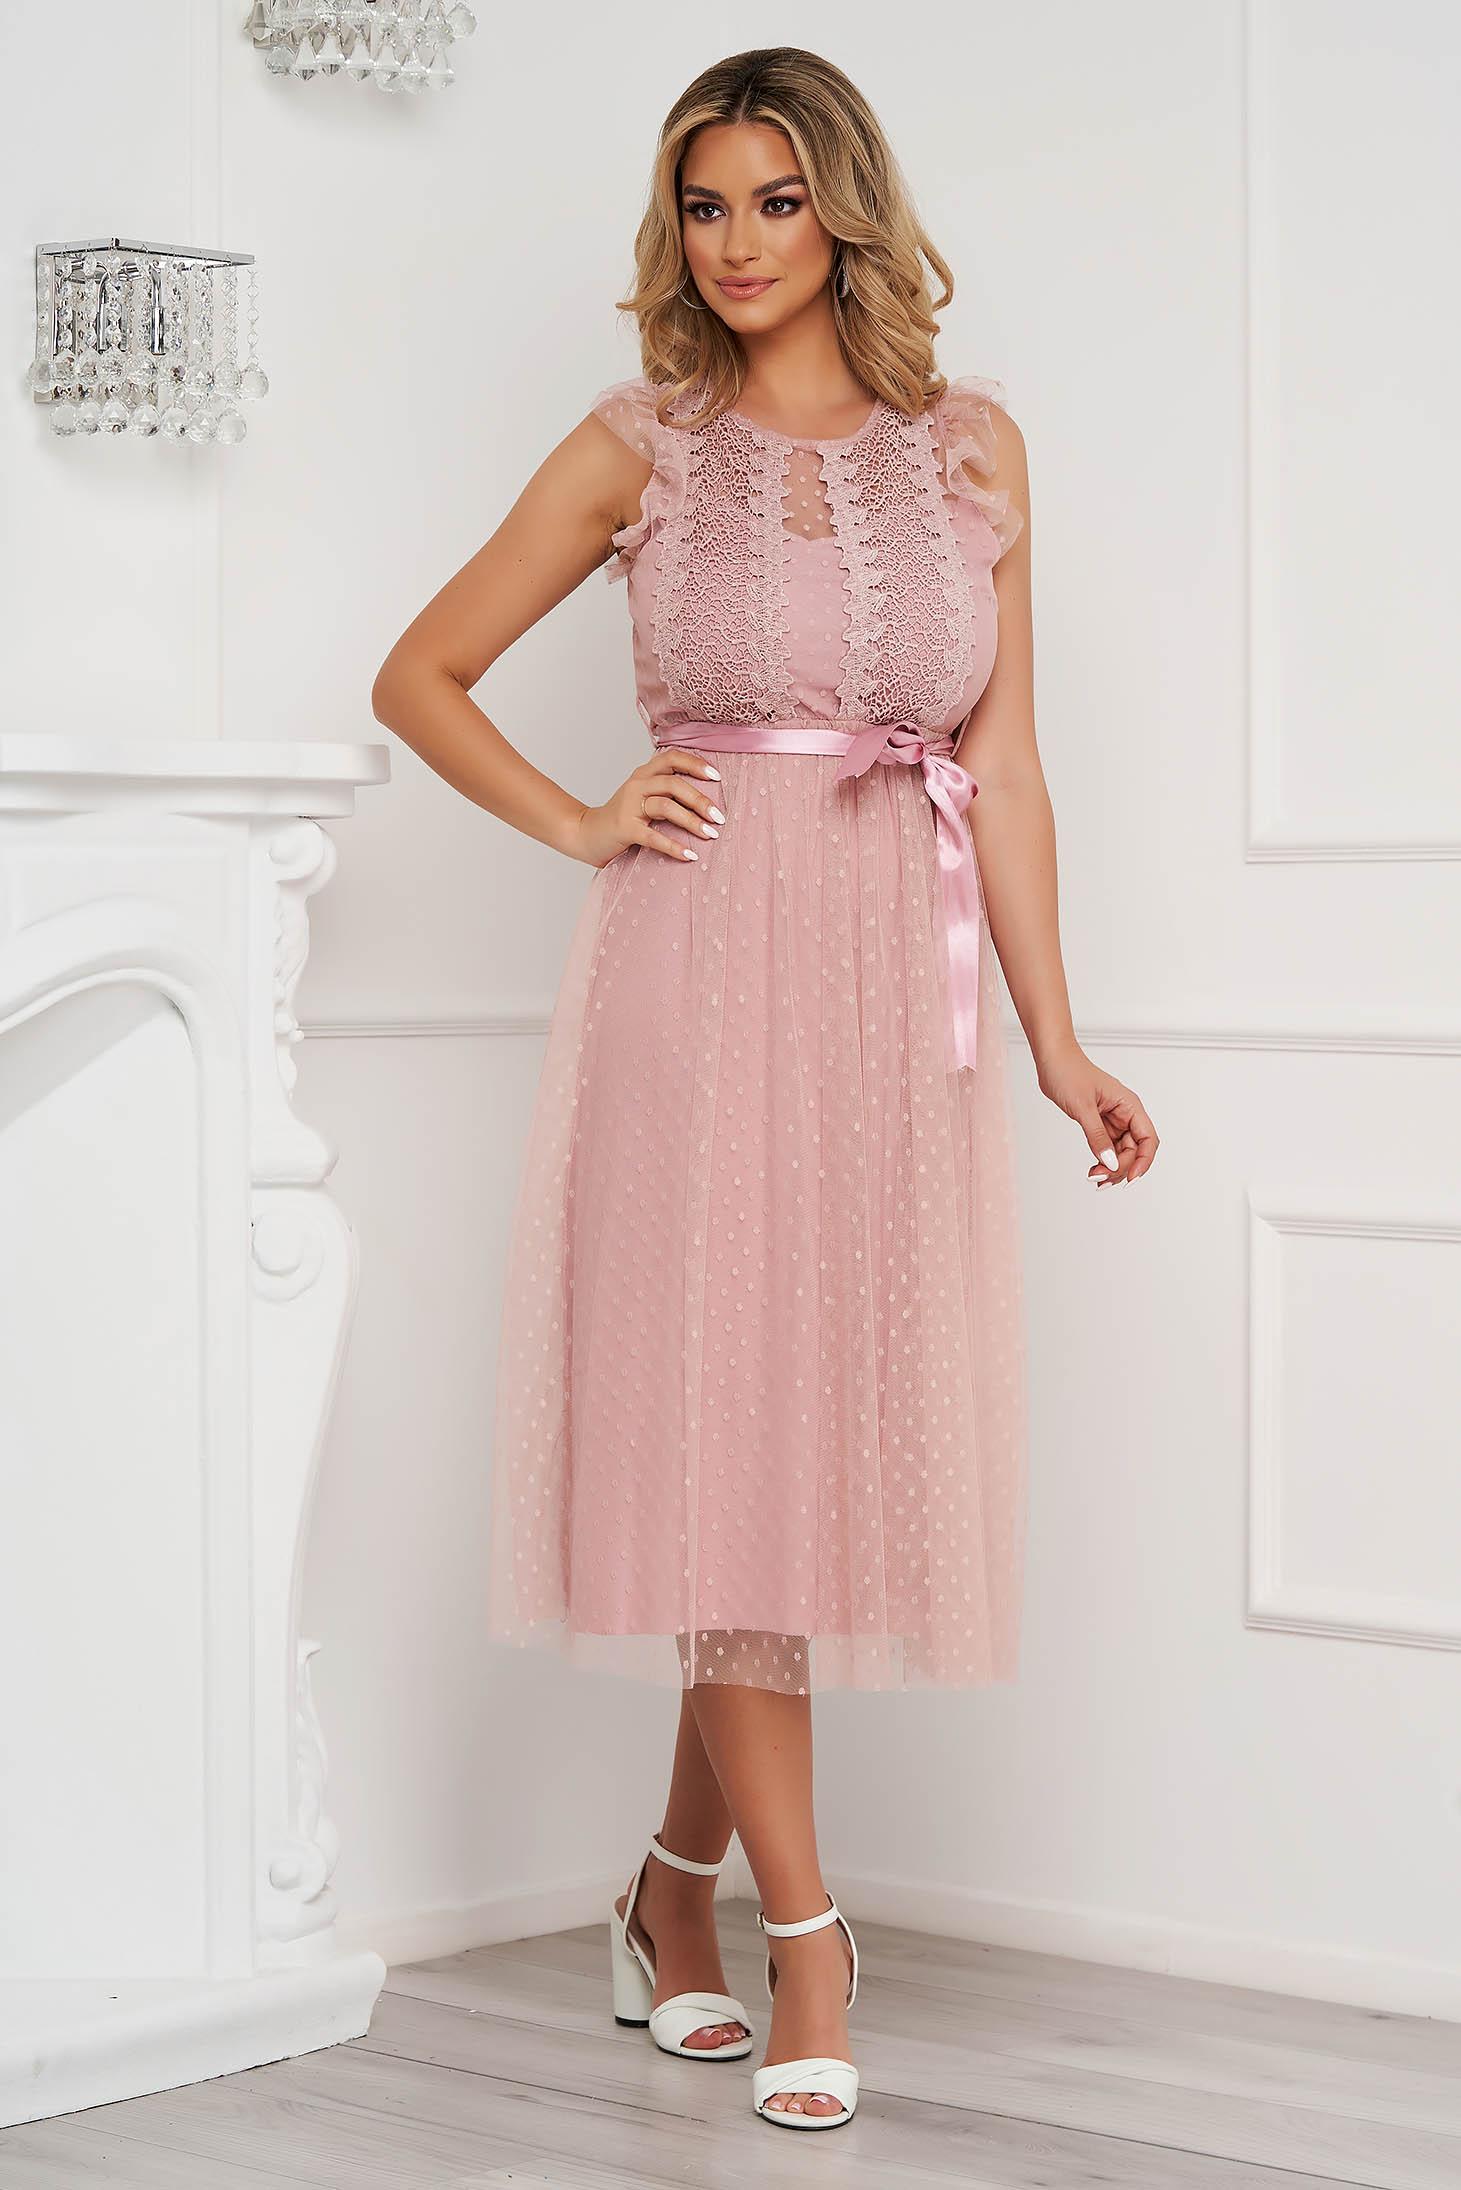 Rochie roz prafuit midi de ocazie din tul in clos fara maneci cu aplicatii din plumeti